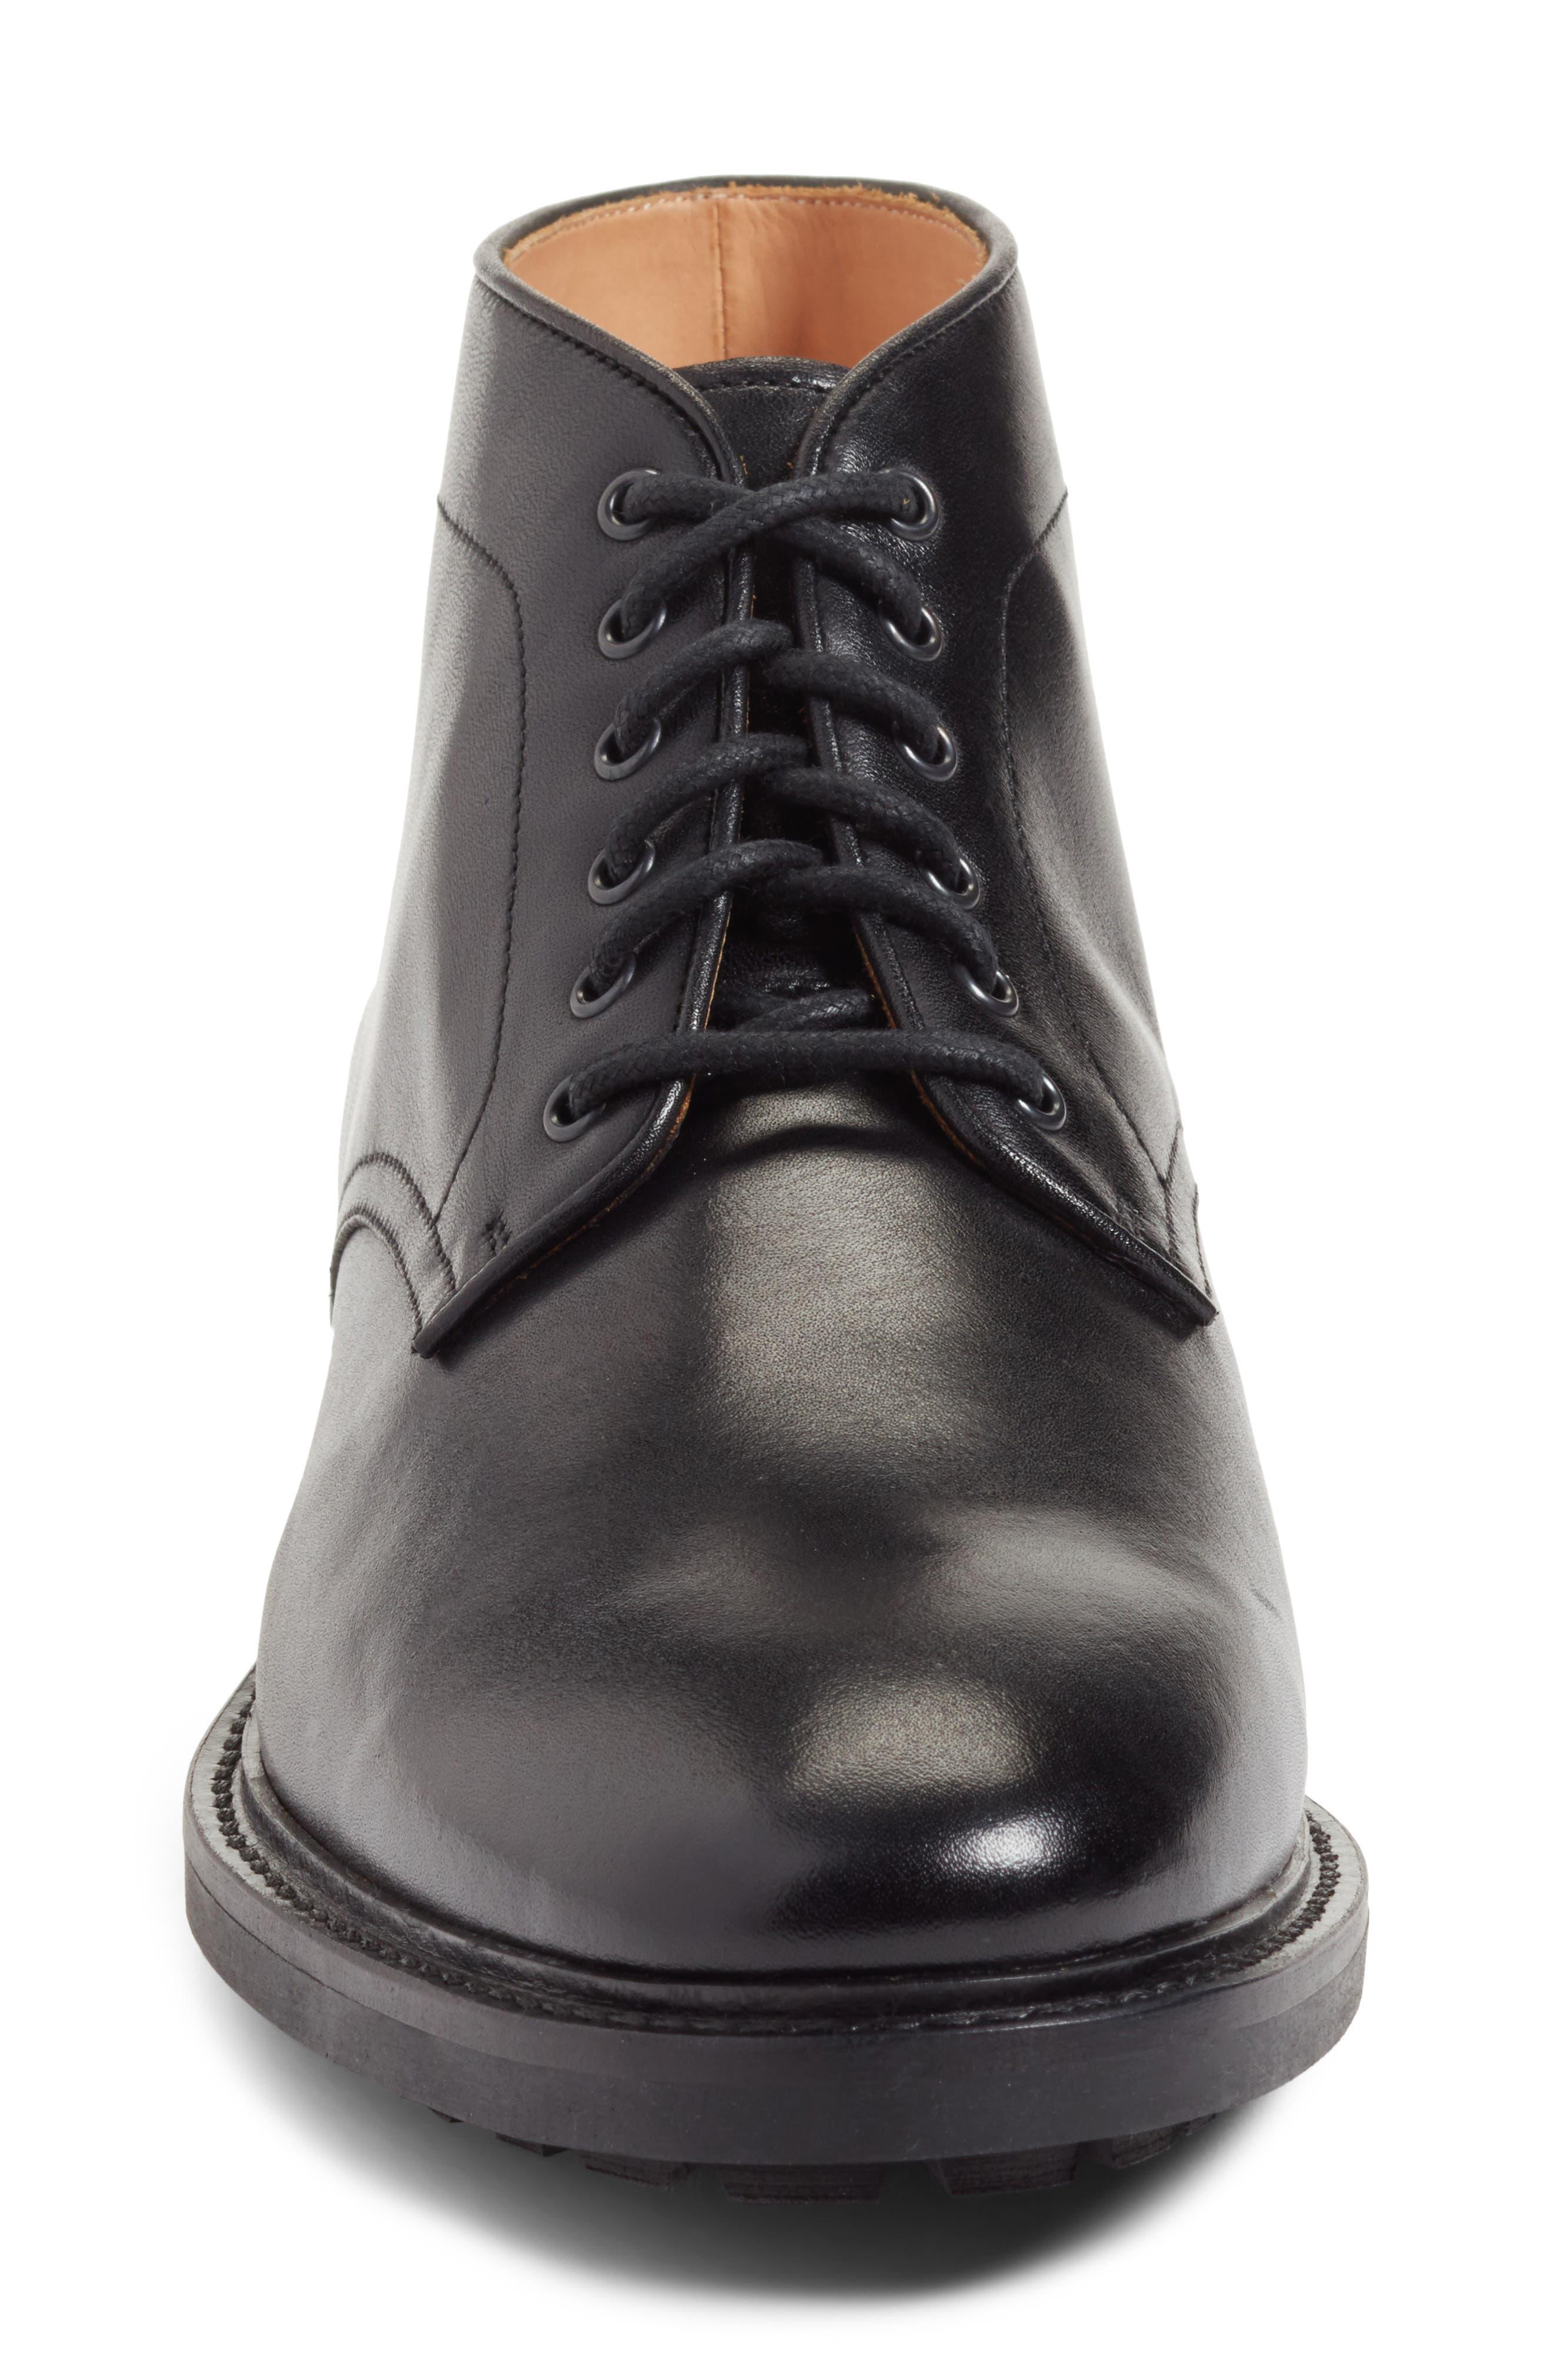 Ramiro Plain Toe Boot,                             Alternate thumbnail 4, color,                             Black Leather